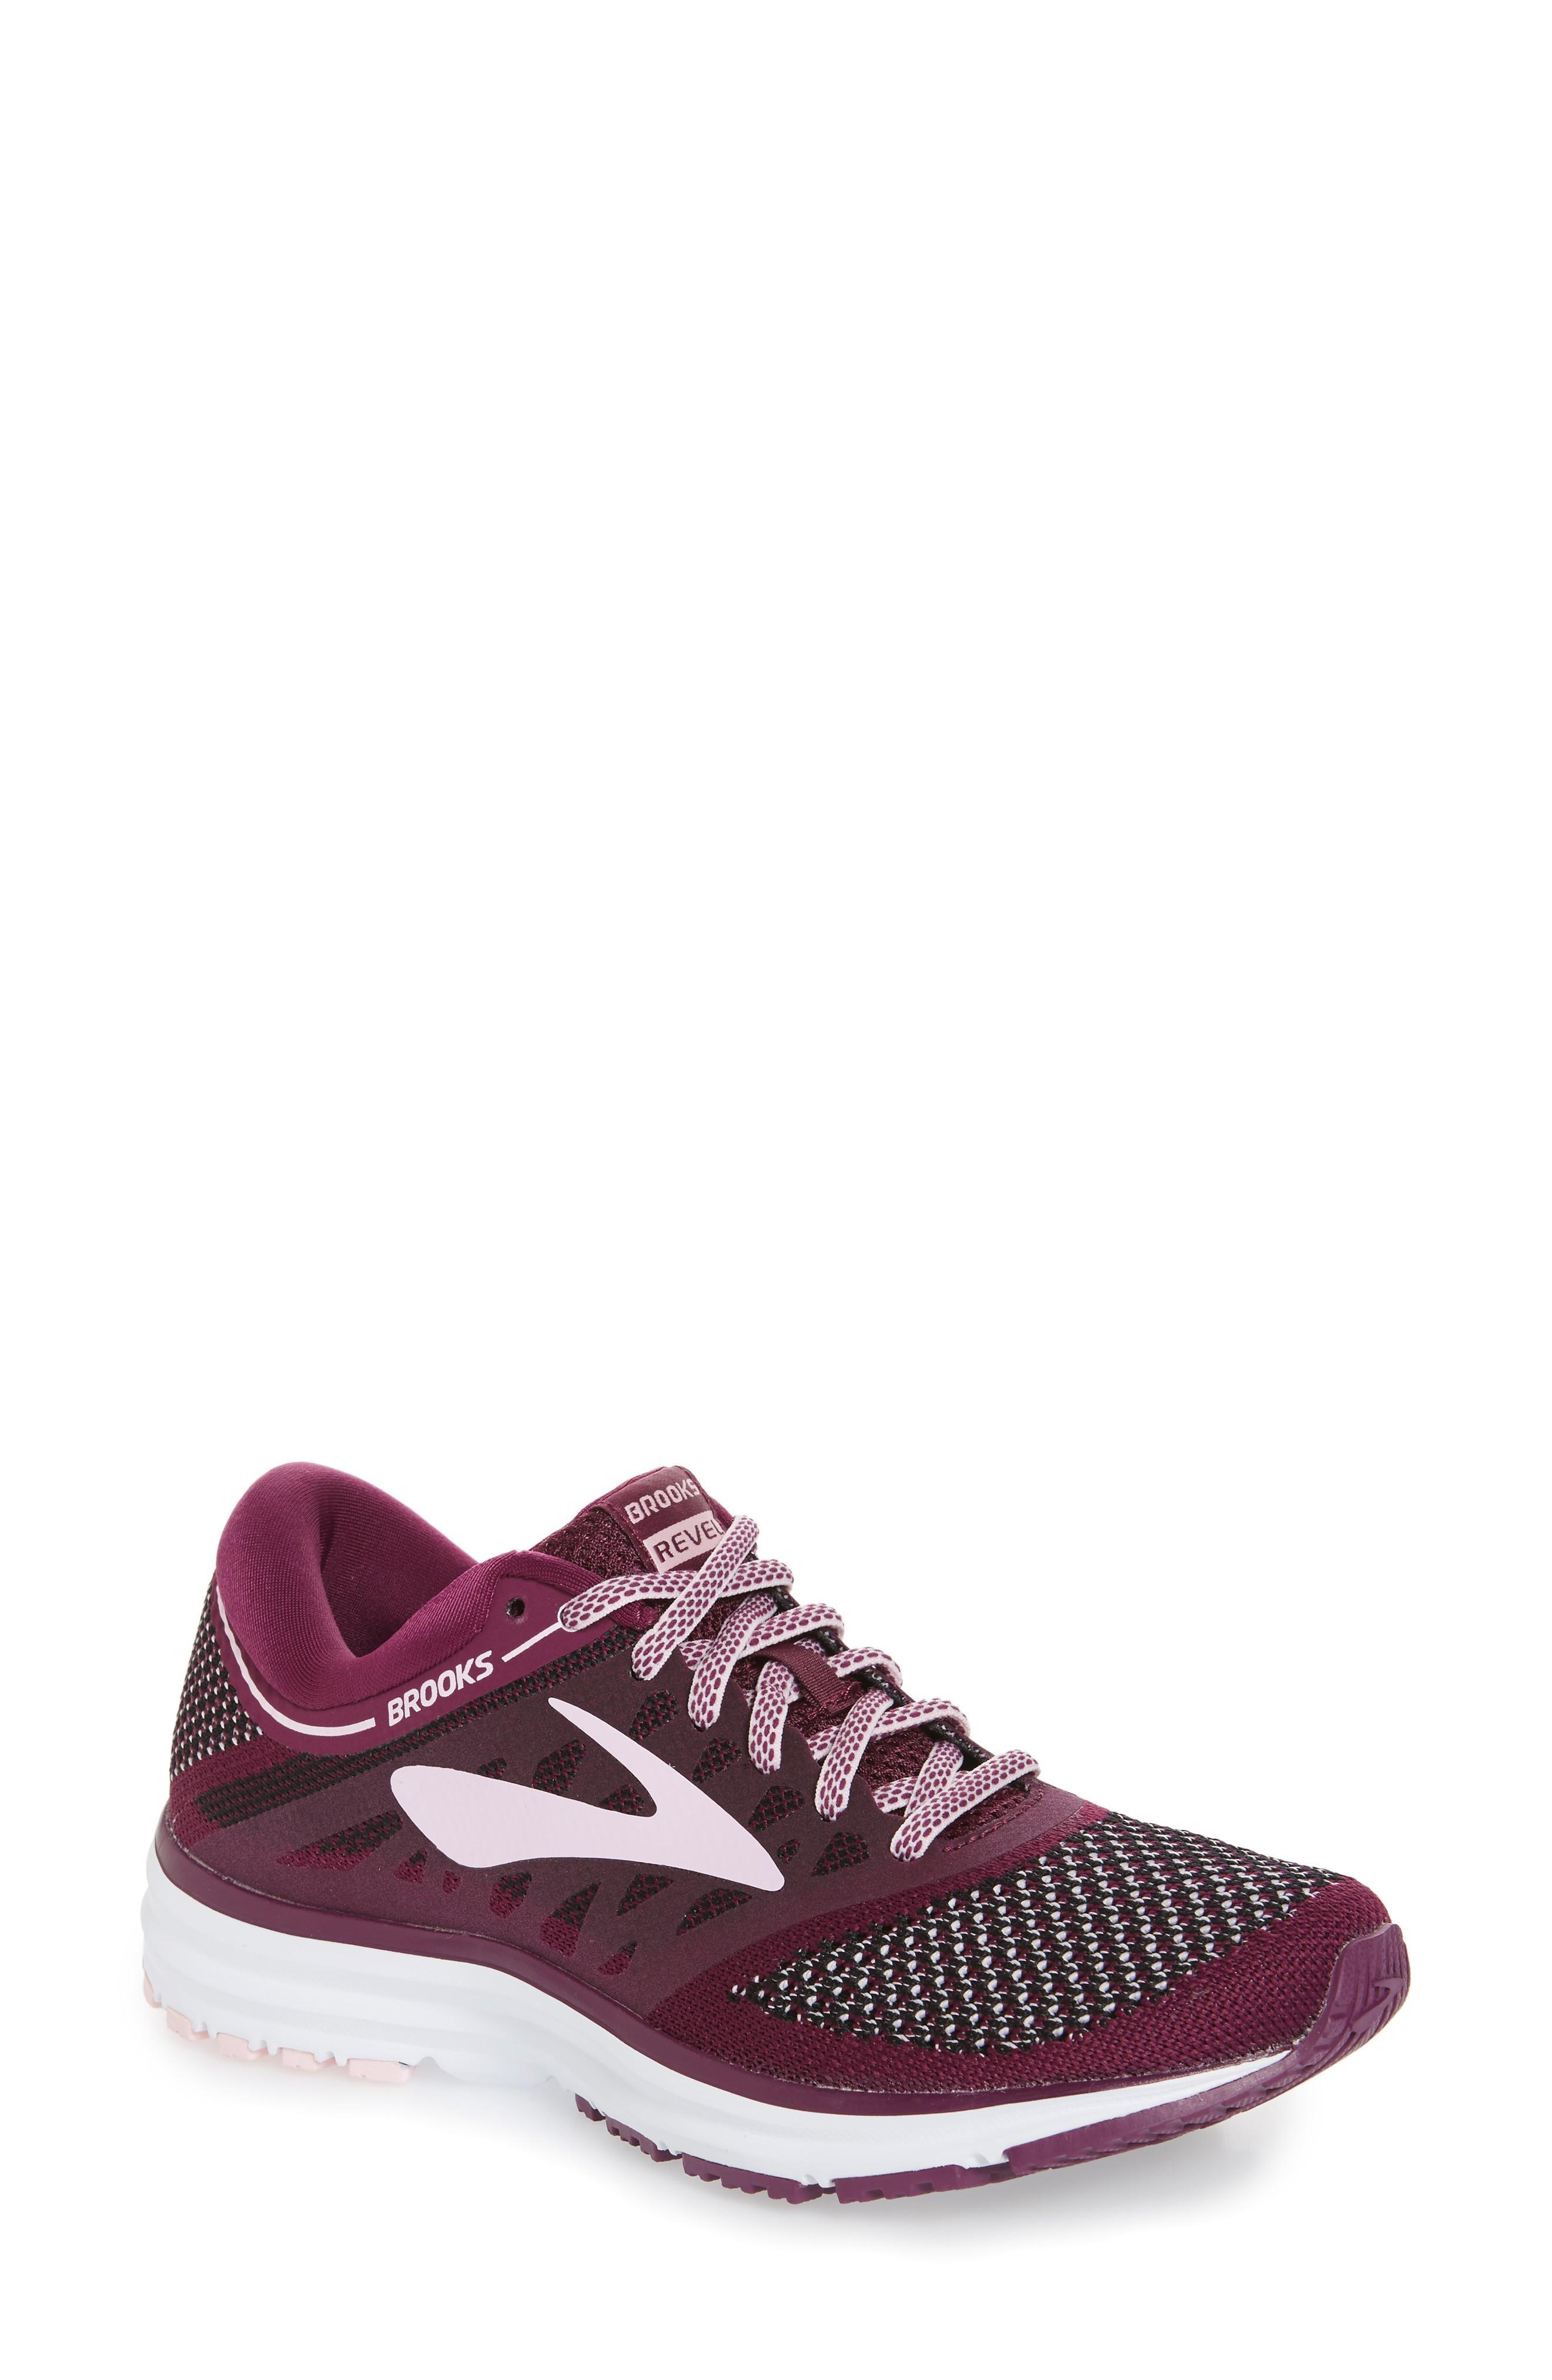 e7e8174325196 Brooks Revel Running Shoe In Plum  Pink  Black